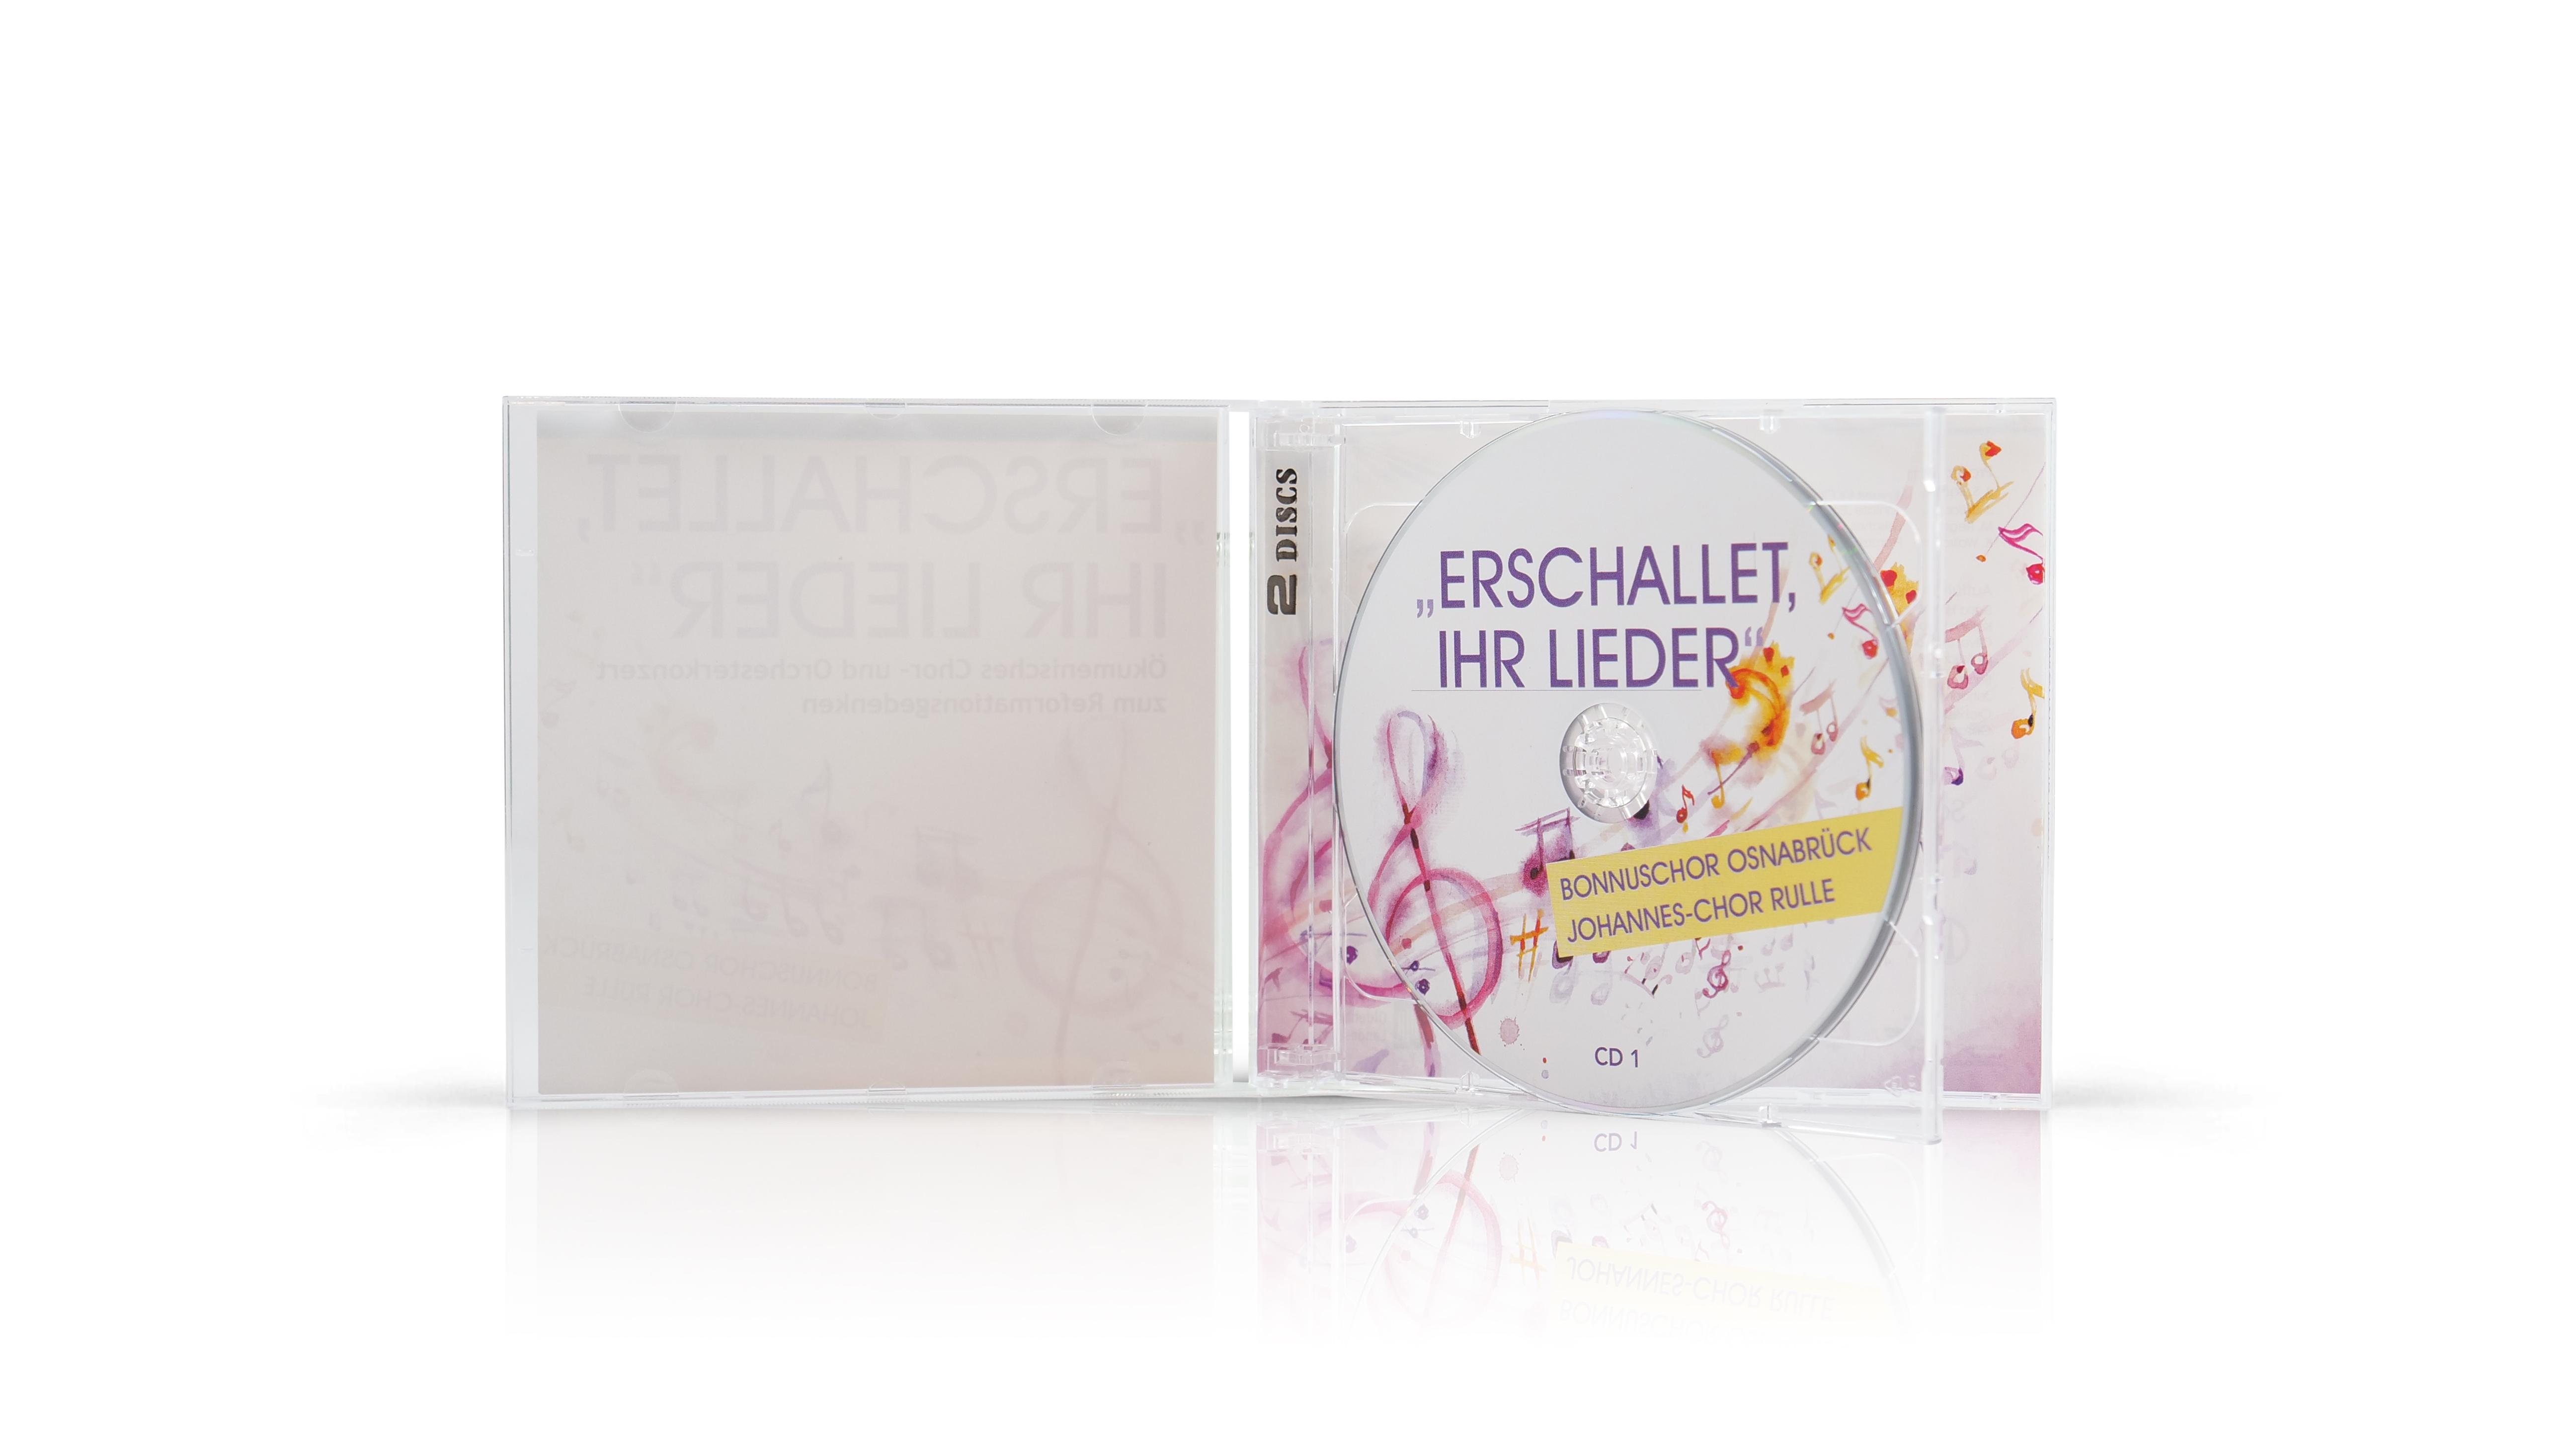 Jewelcase Doppel-CD